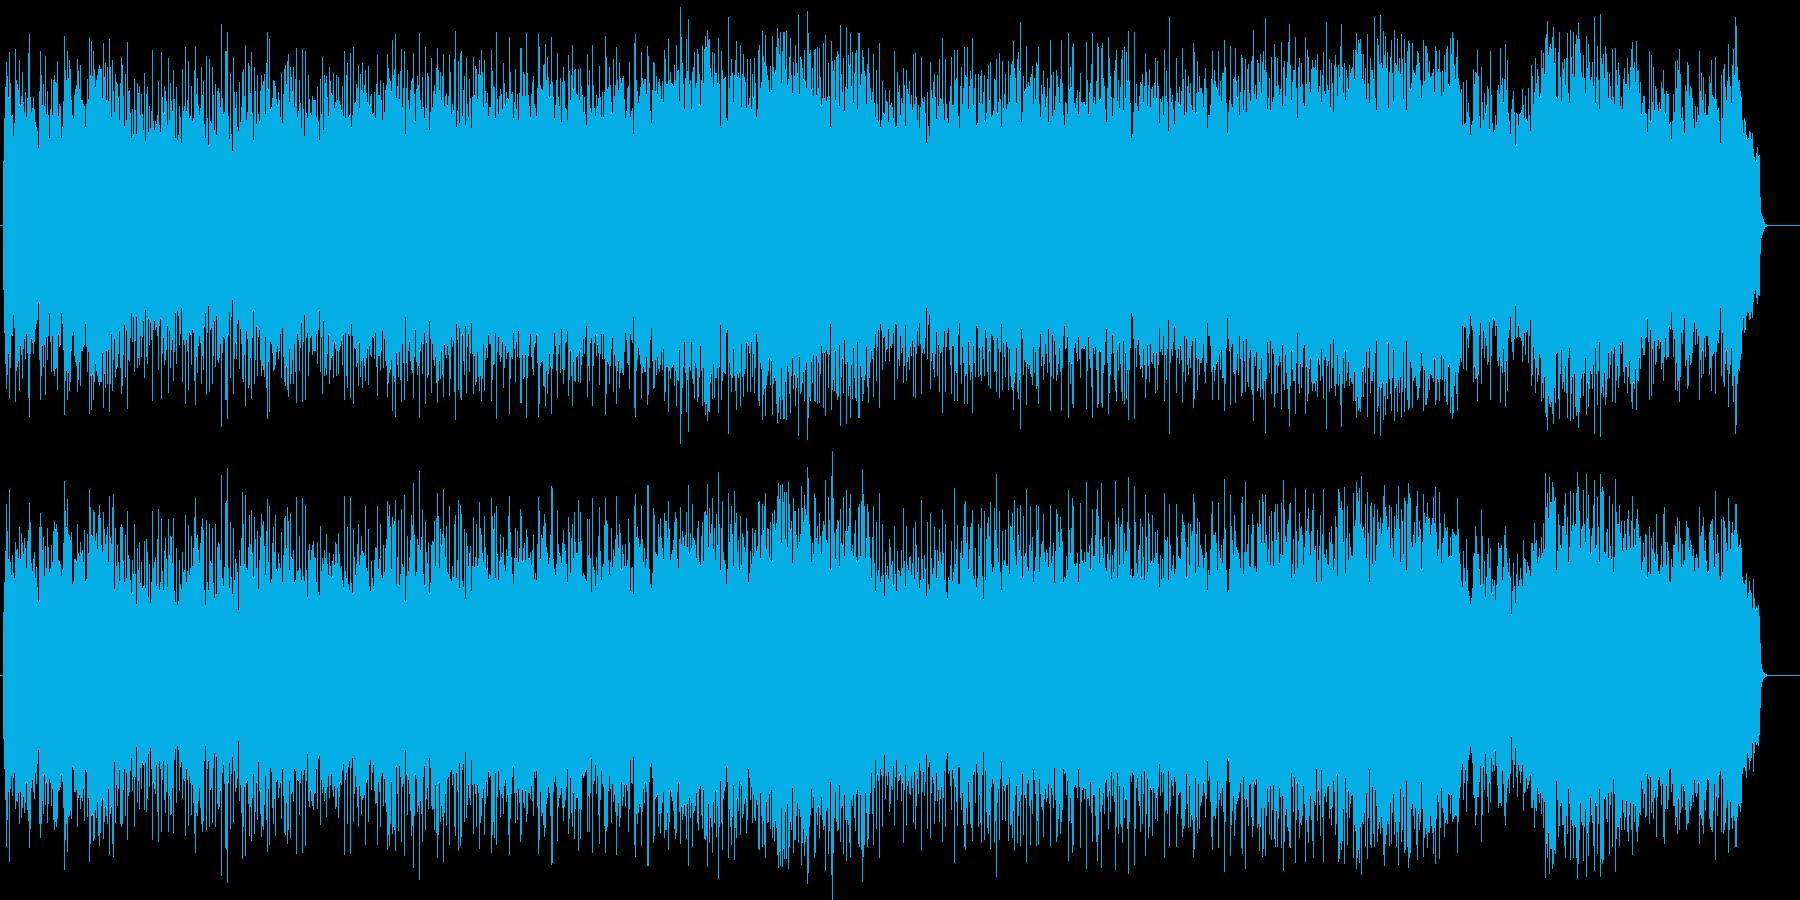 ナイーブなポップ・ピアニズムの再生済みの波形